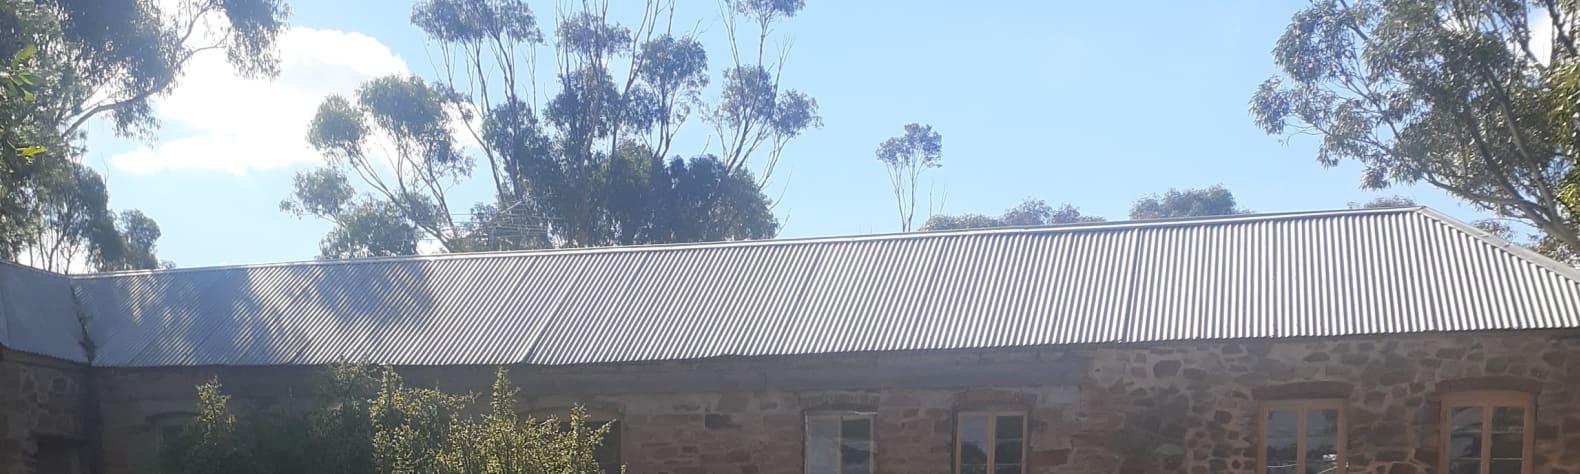 Historic Dutton Camp